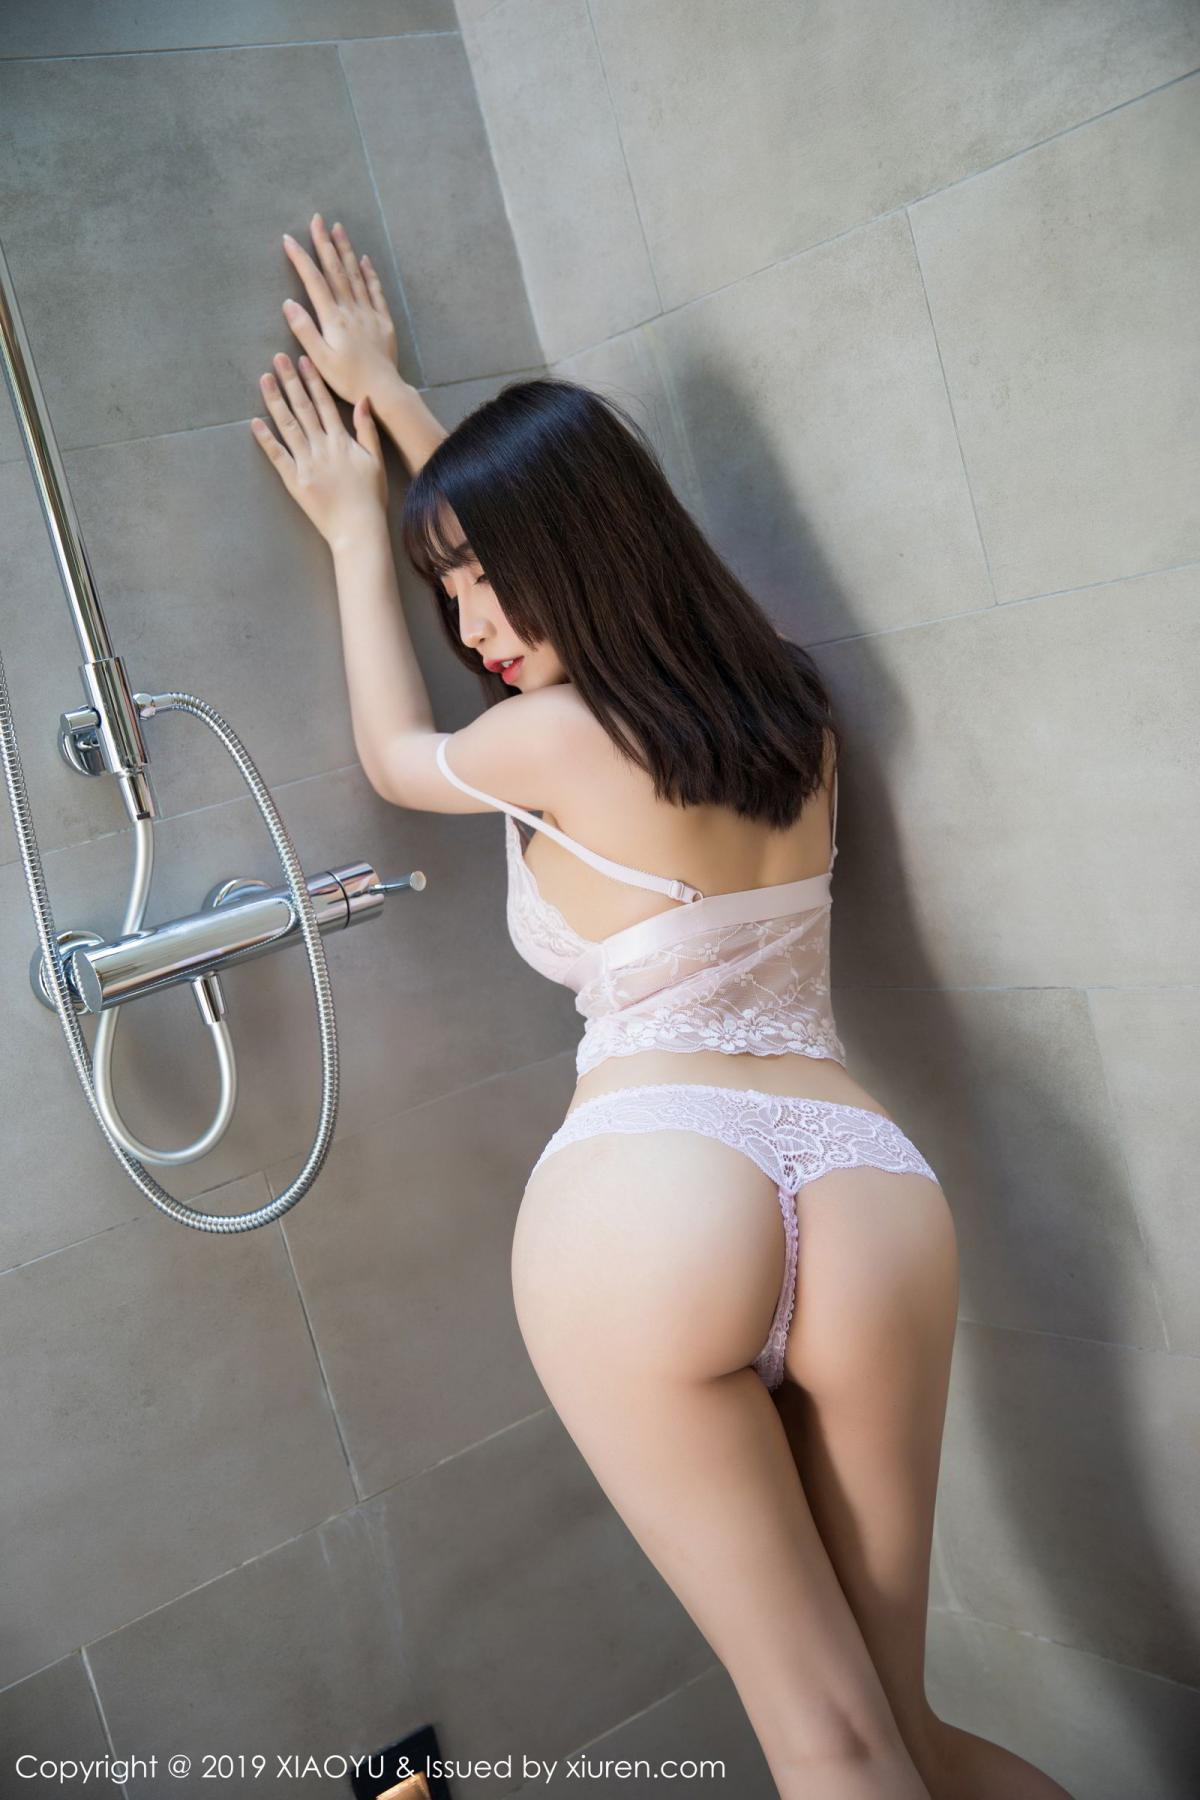 [XiaoYu] Vol.147 Xie Zhi Xin 63P, Bathroom, Big Booty, Wet, XiaoYu, Xie Zhi Xin